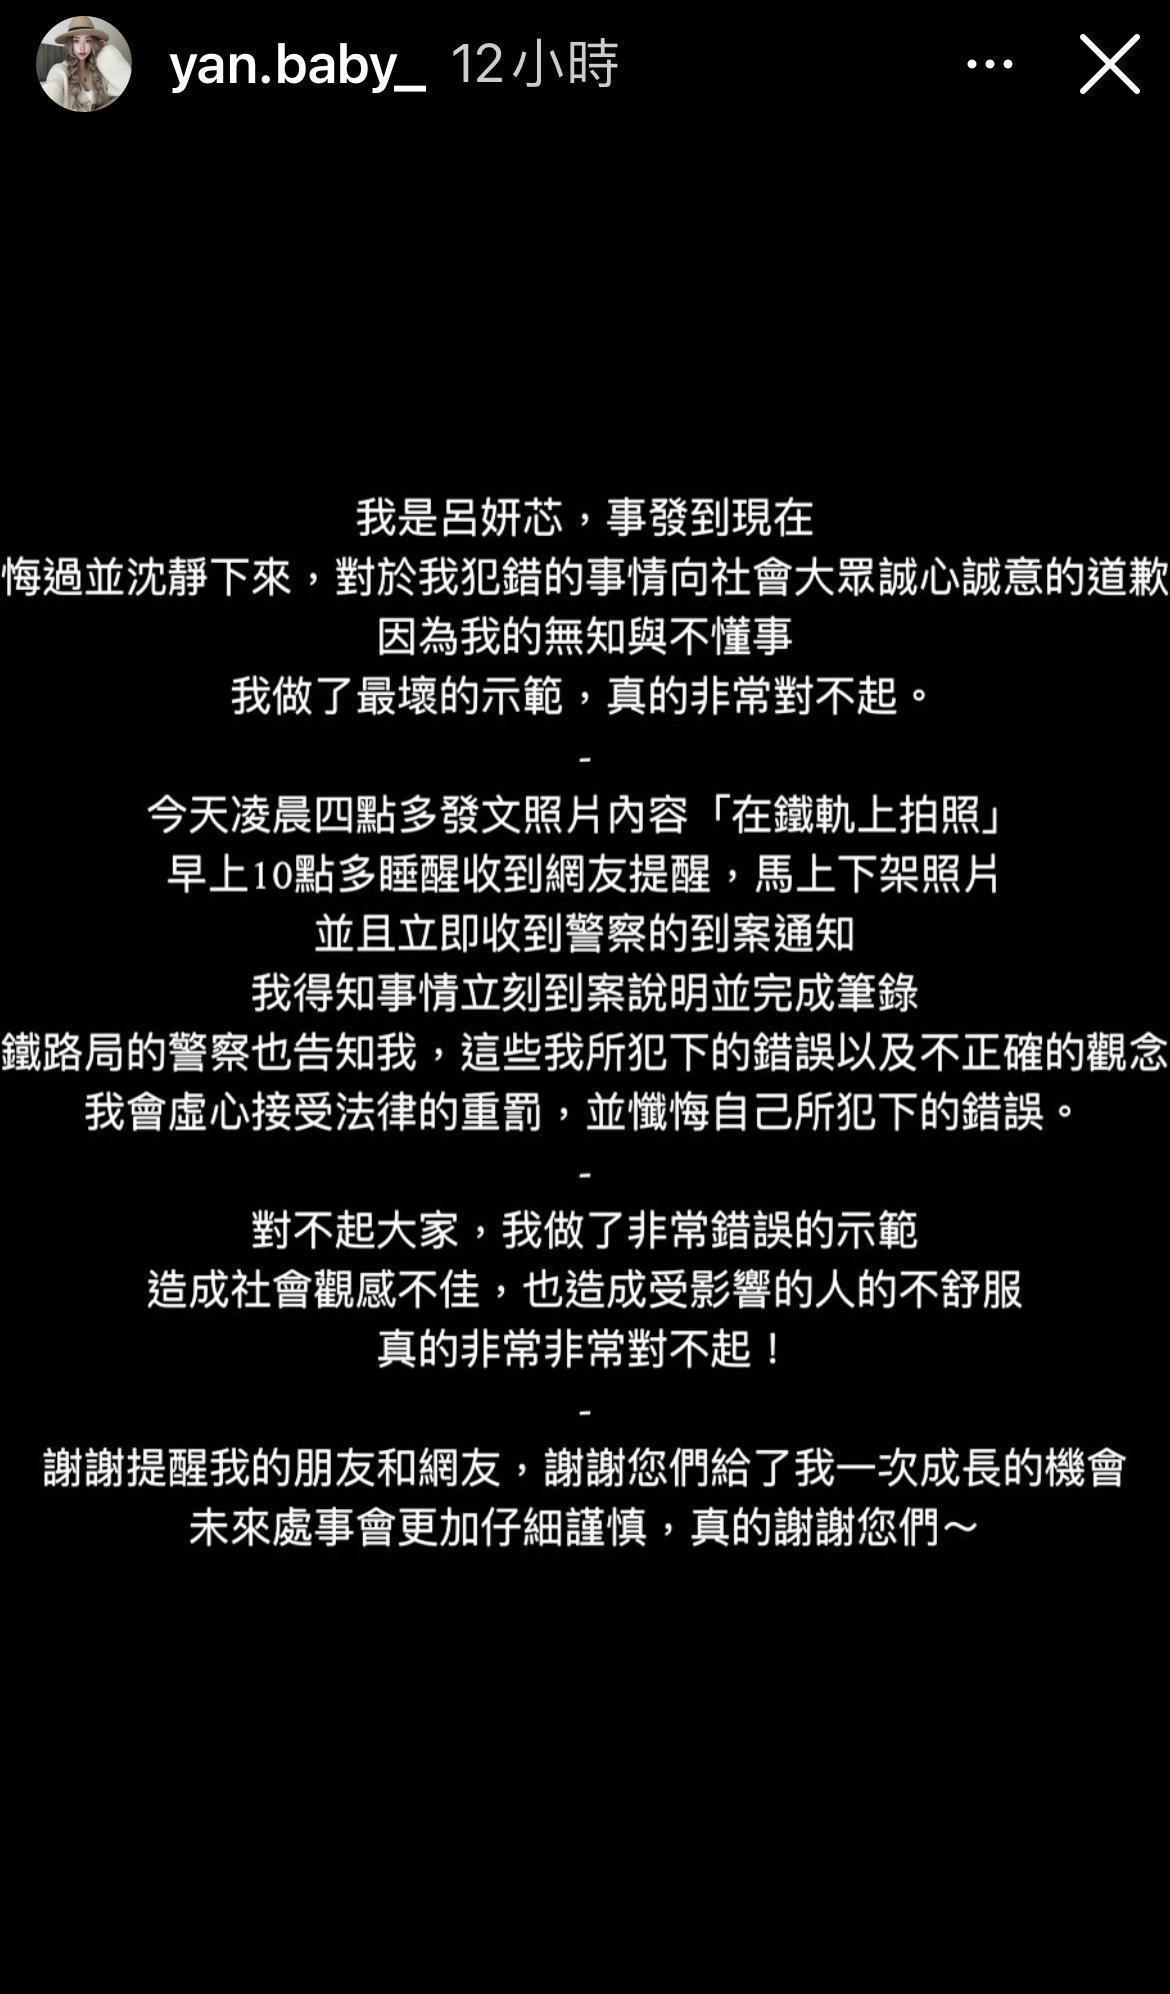 呂妍芯擅闖台鐵高架軌道遭民眾檢舉後,急下架圖片並道歉。(翻攝自呂妍芯IG)